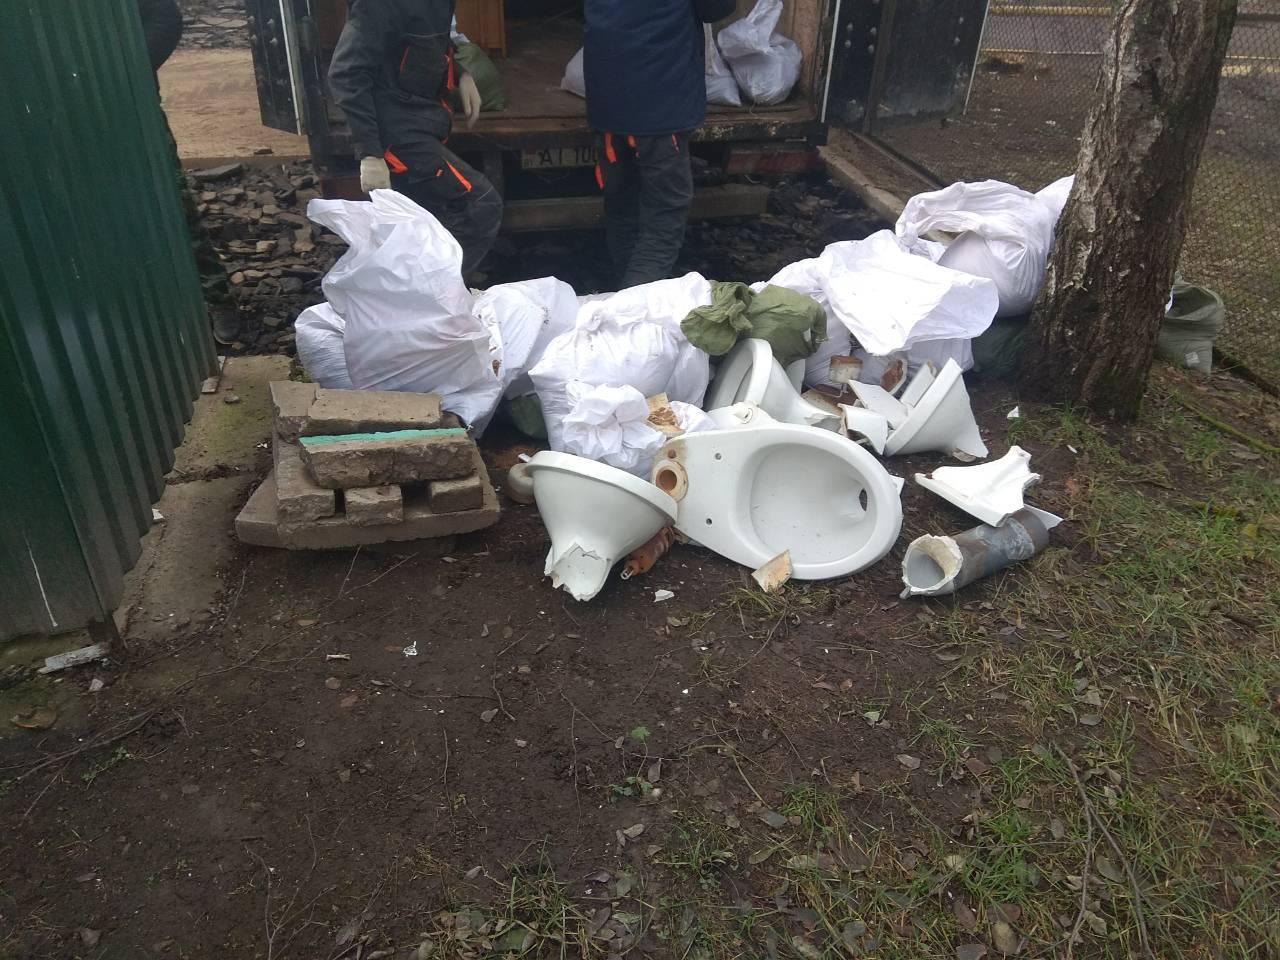 куча мусора лежит на земле